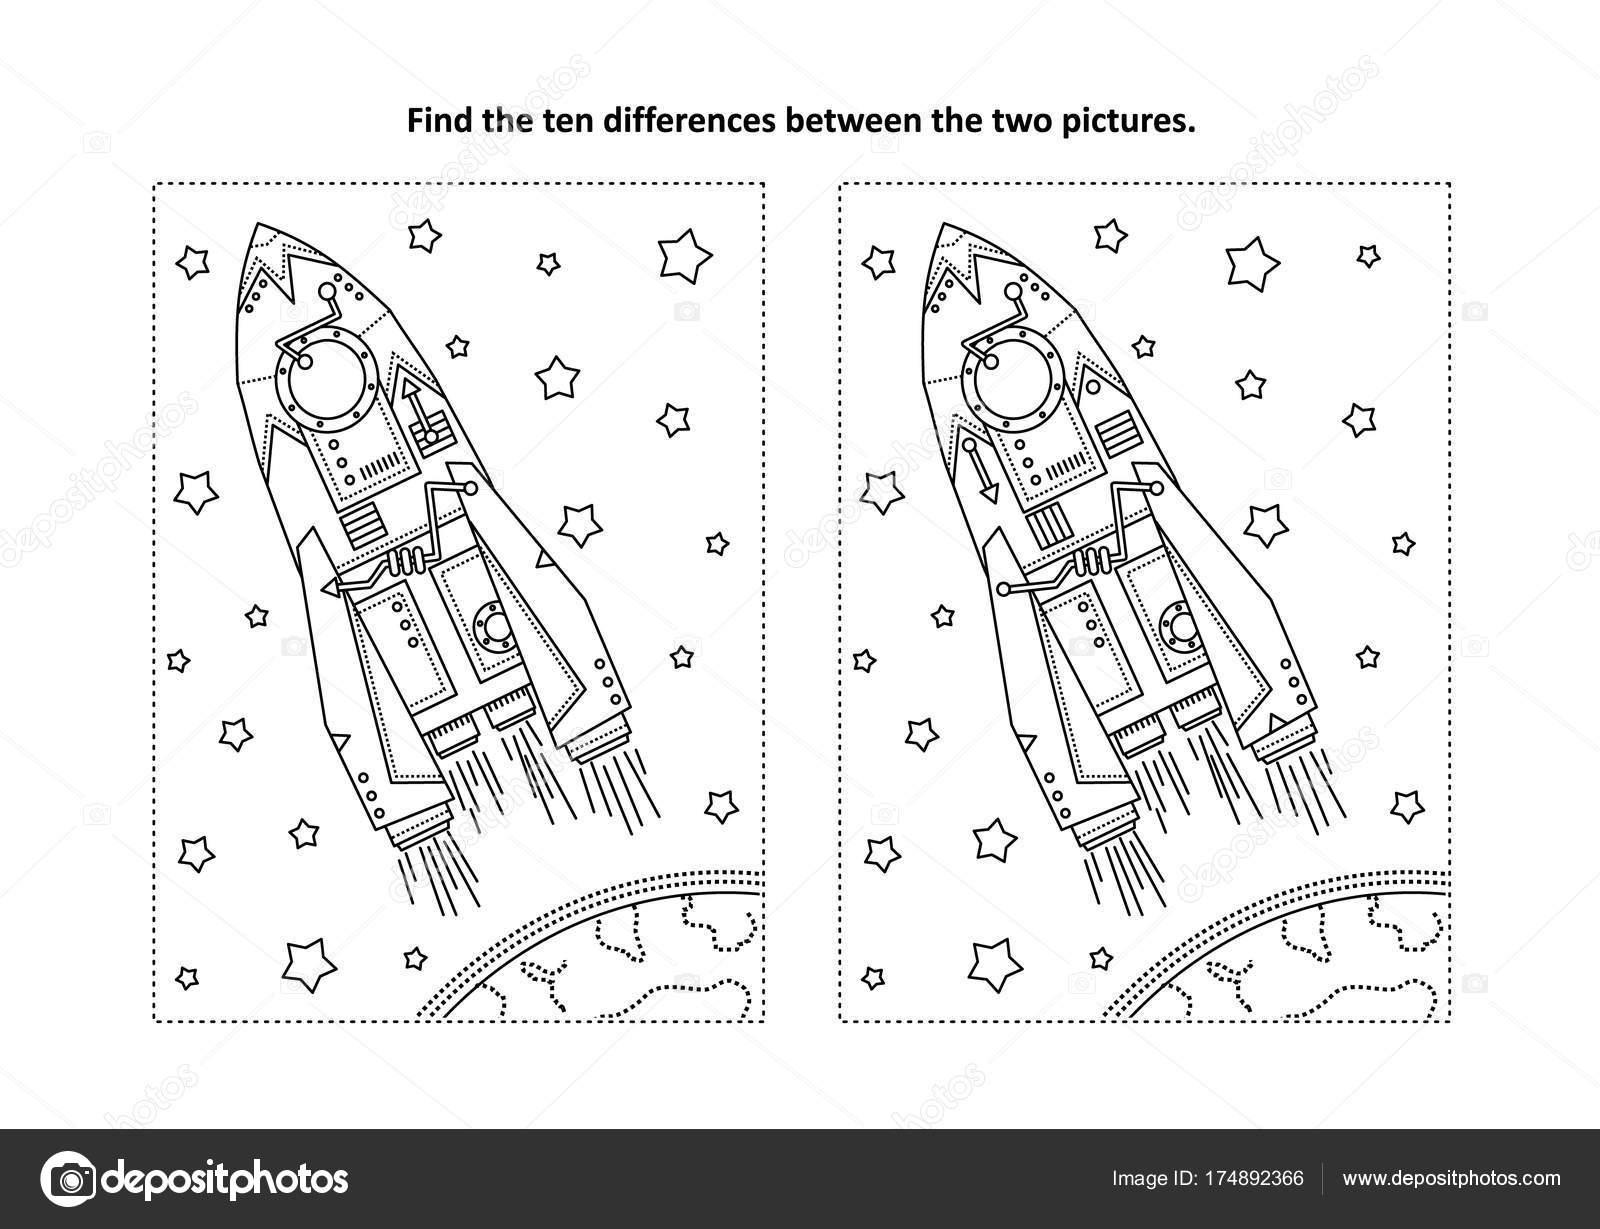 Uzay Araştırmaları Temalı Bulmak Farklılıklar Resimli Bulmaca Roket